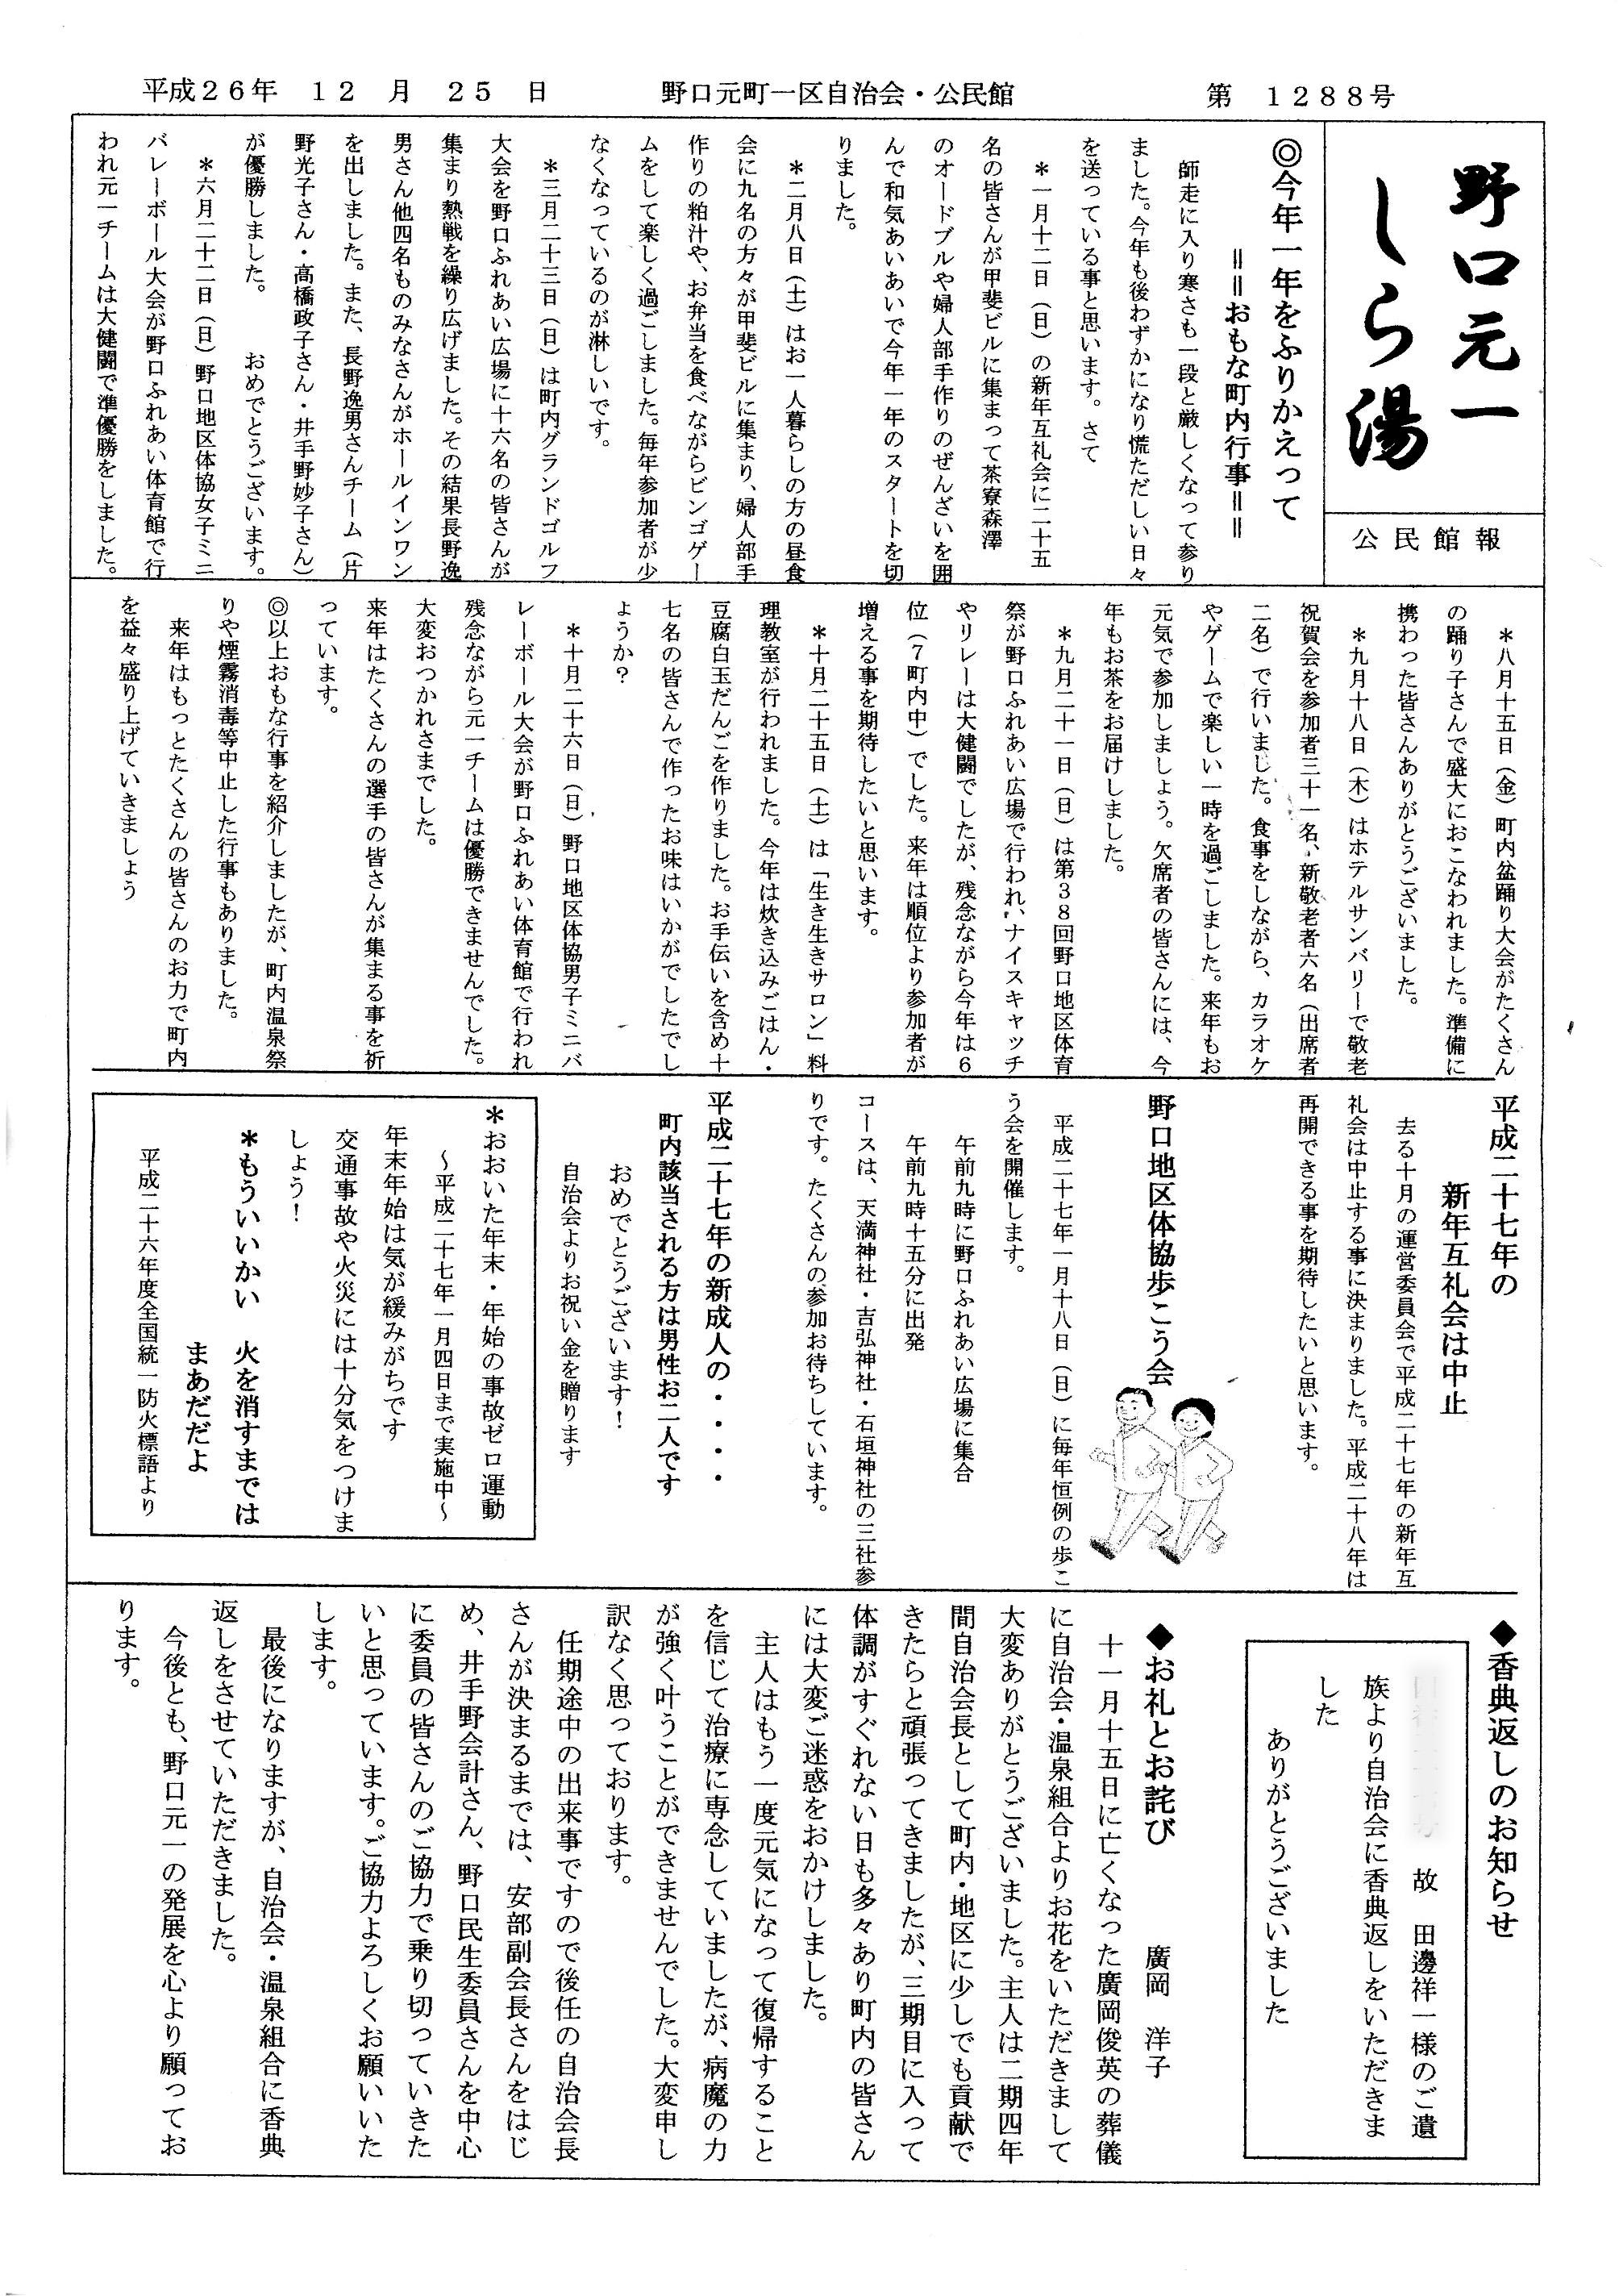 noguchimotoichi2015_01